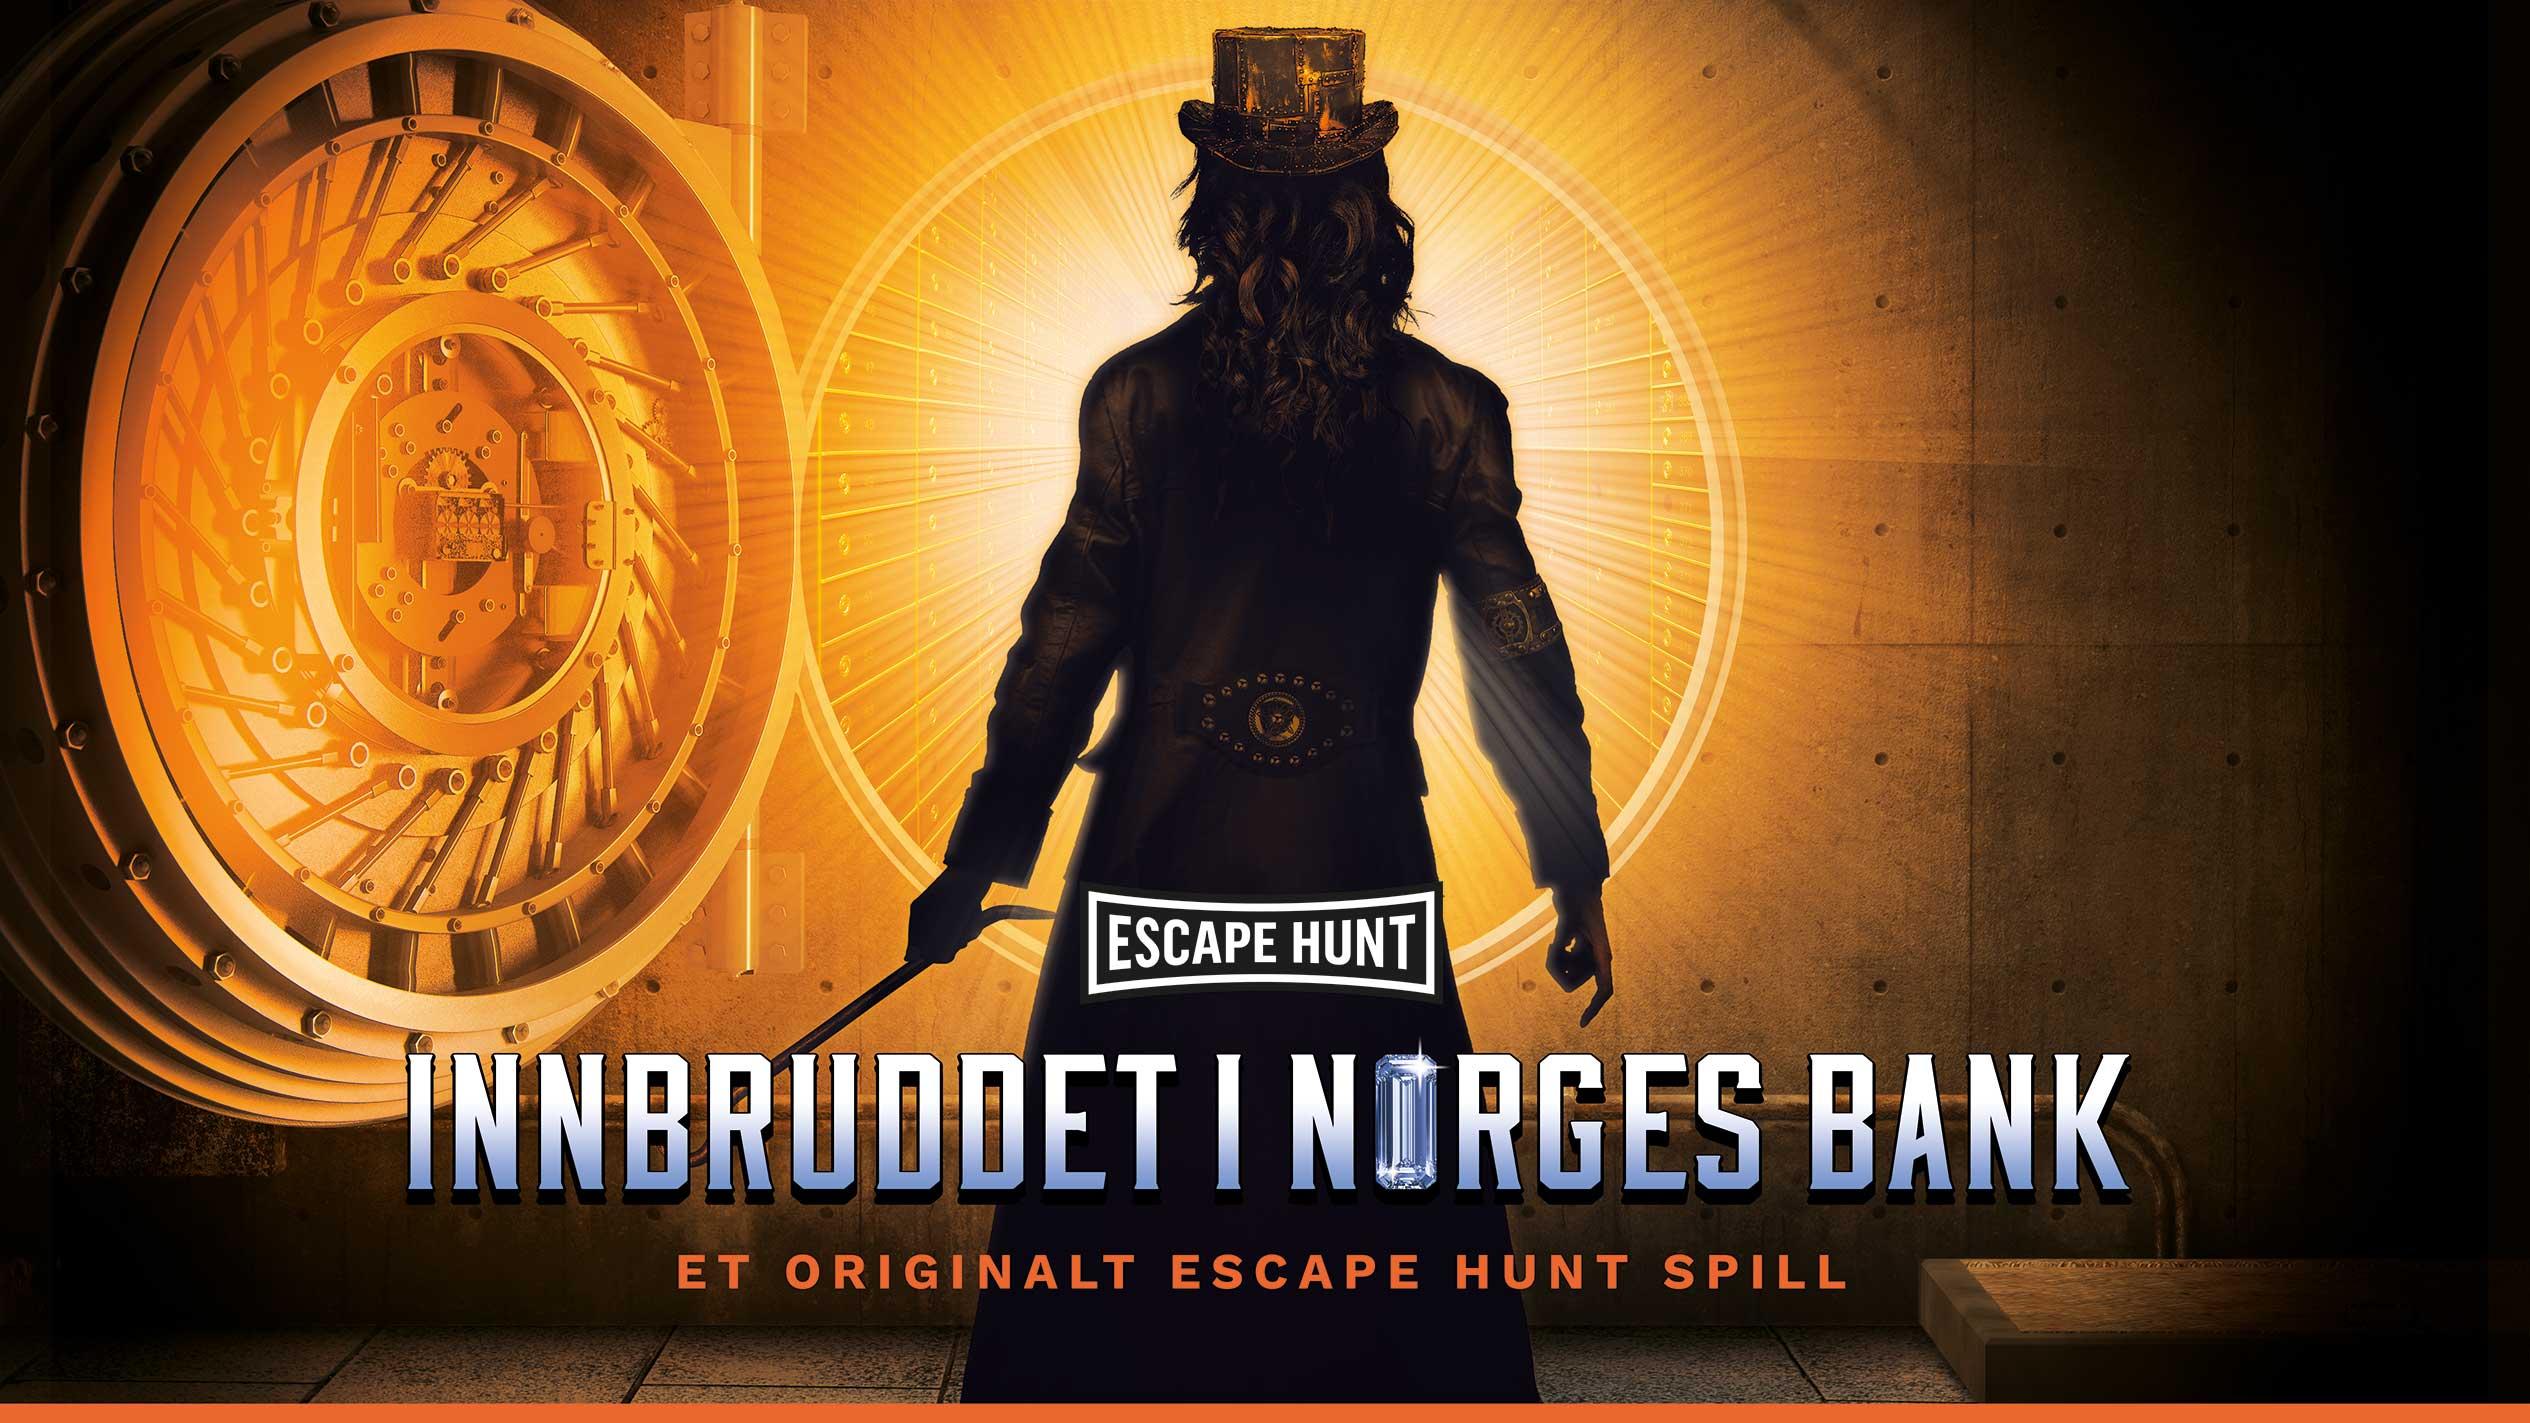 Escape Room Trondheim sentrum Escape Hunt Innbruddet i Norges Bank